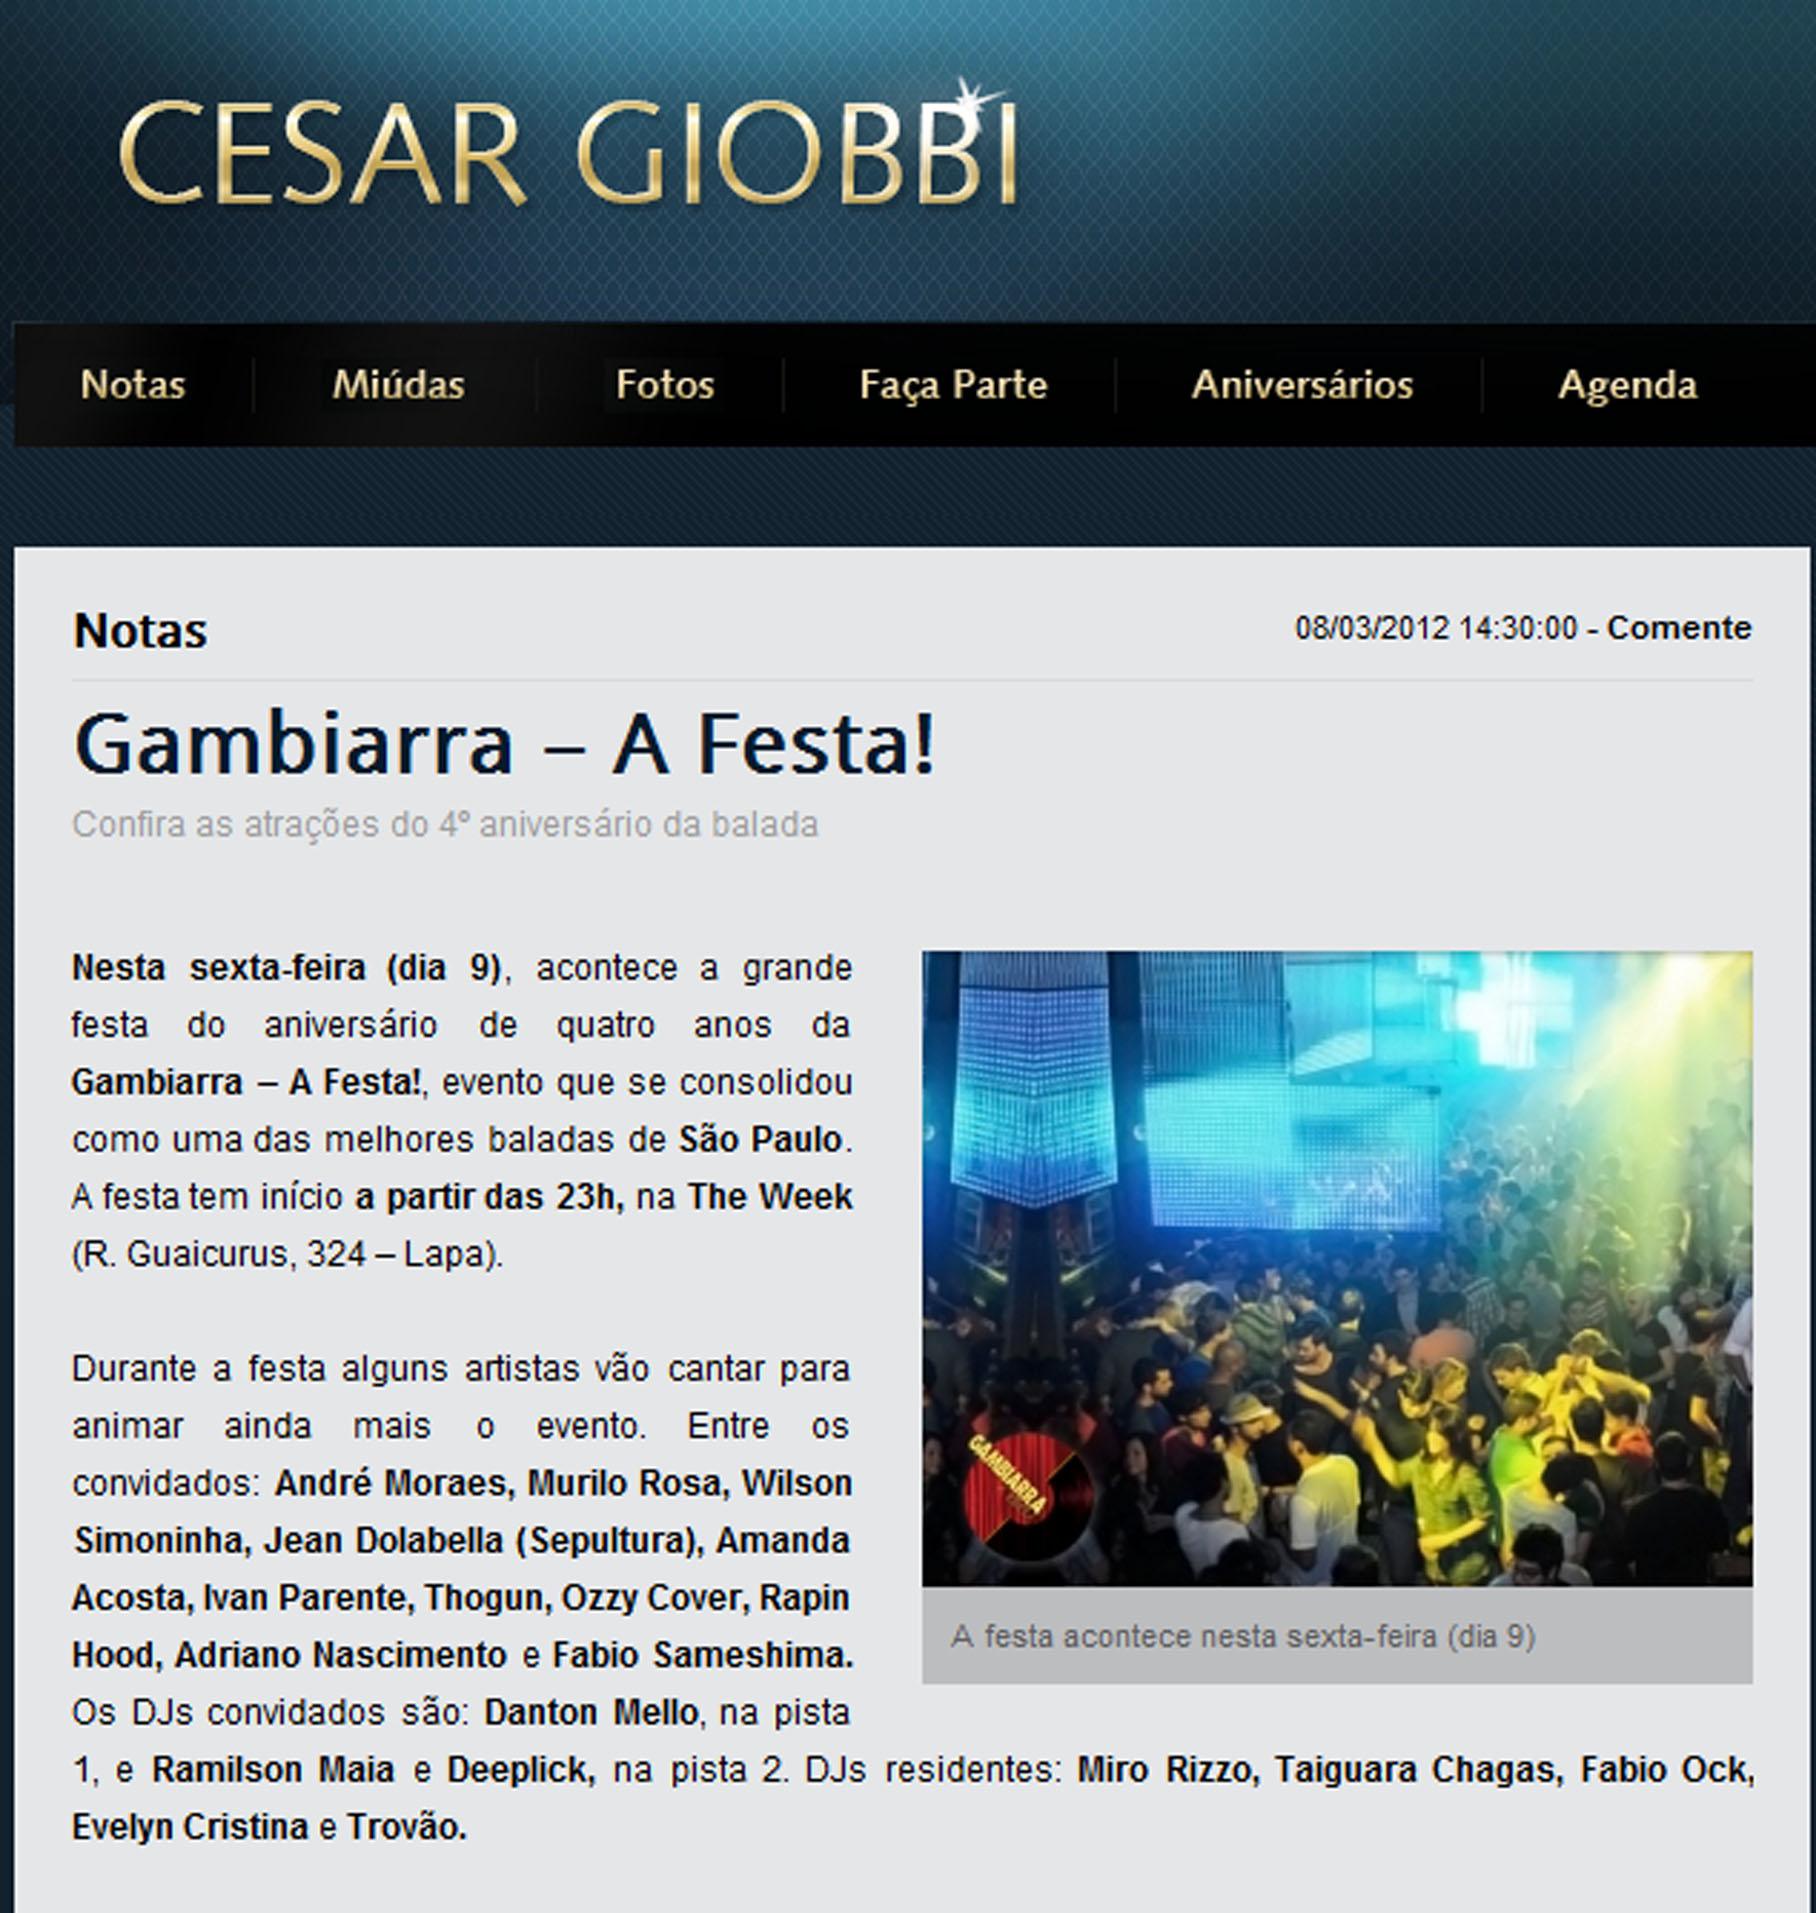 Cesar_Giobbi